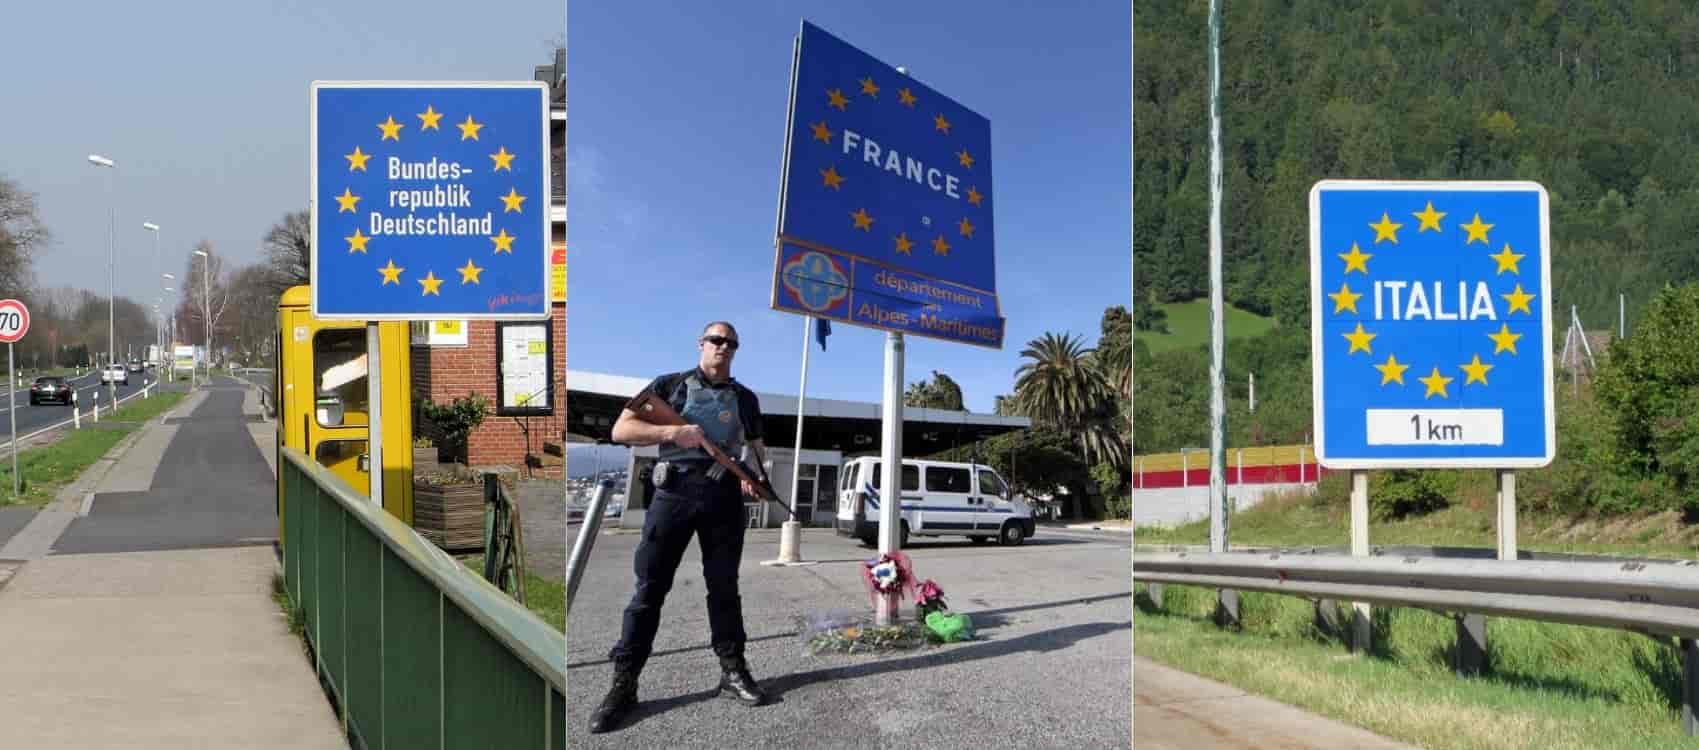 Schengen countries: a list of 2018 84